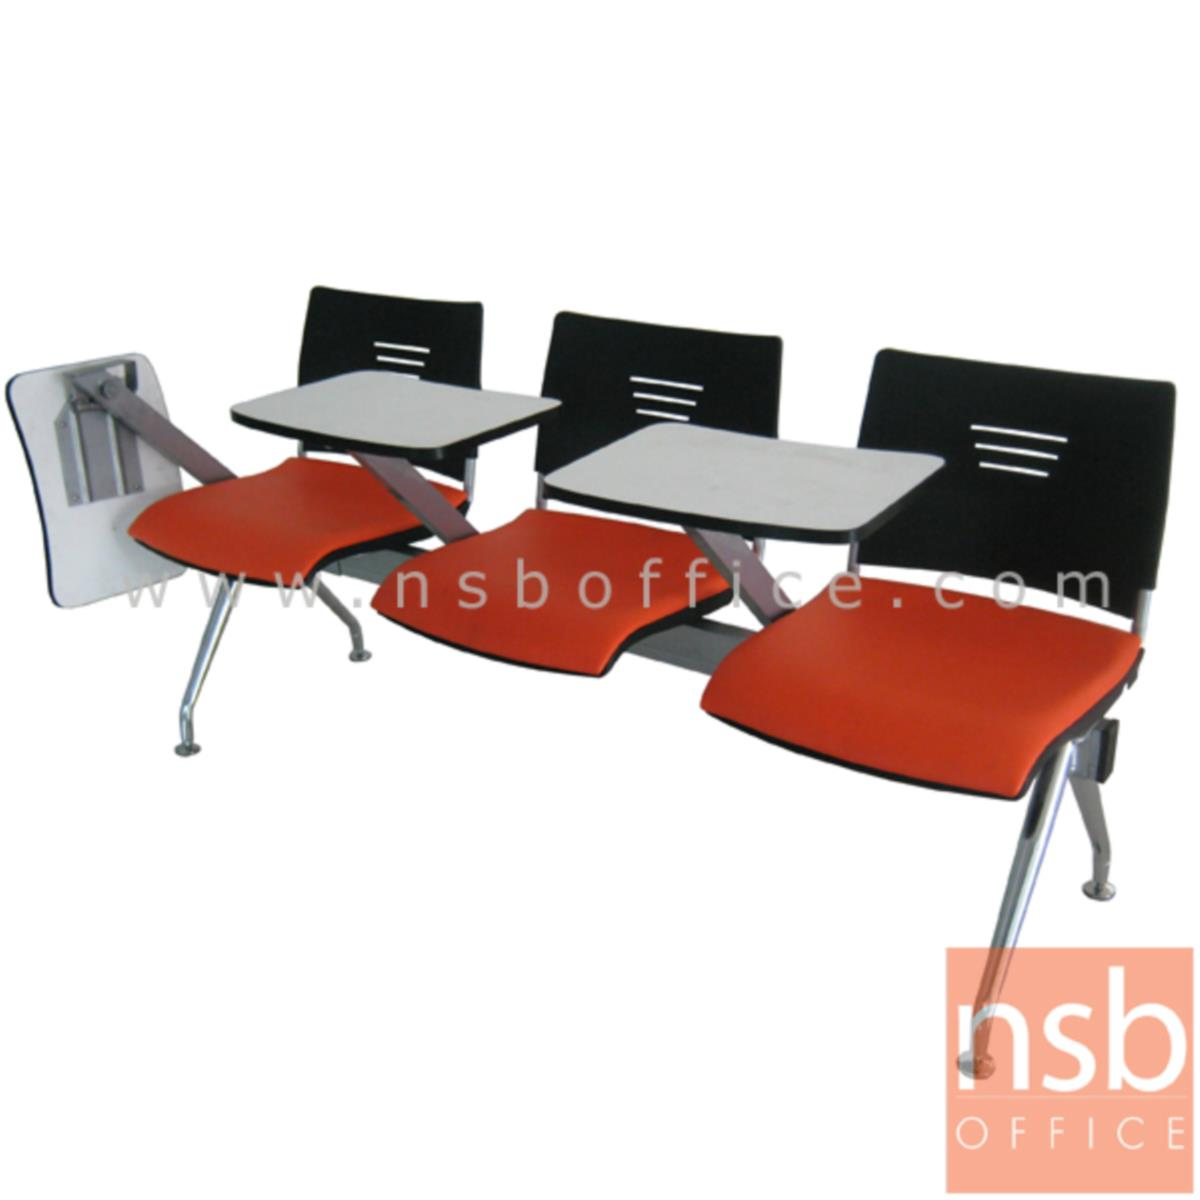 B06A108:เก้าอี้เลคเชอร์แถวเฟรมโพลี่หุ้มเบาะ รุ่น Shaffer (ชาฟเฟอร์) 2 ,3 และ 4 ที่นั่ง ขาเหล็กชุบโครเมี่ยม